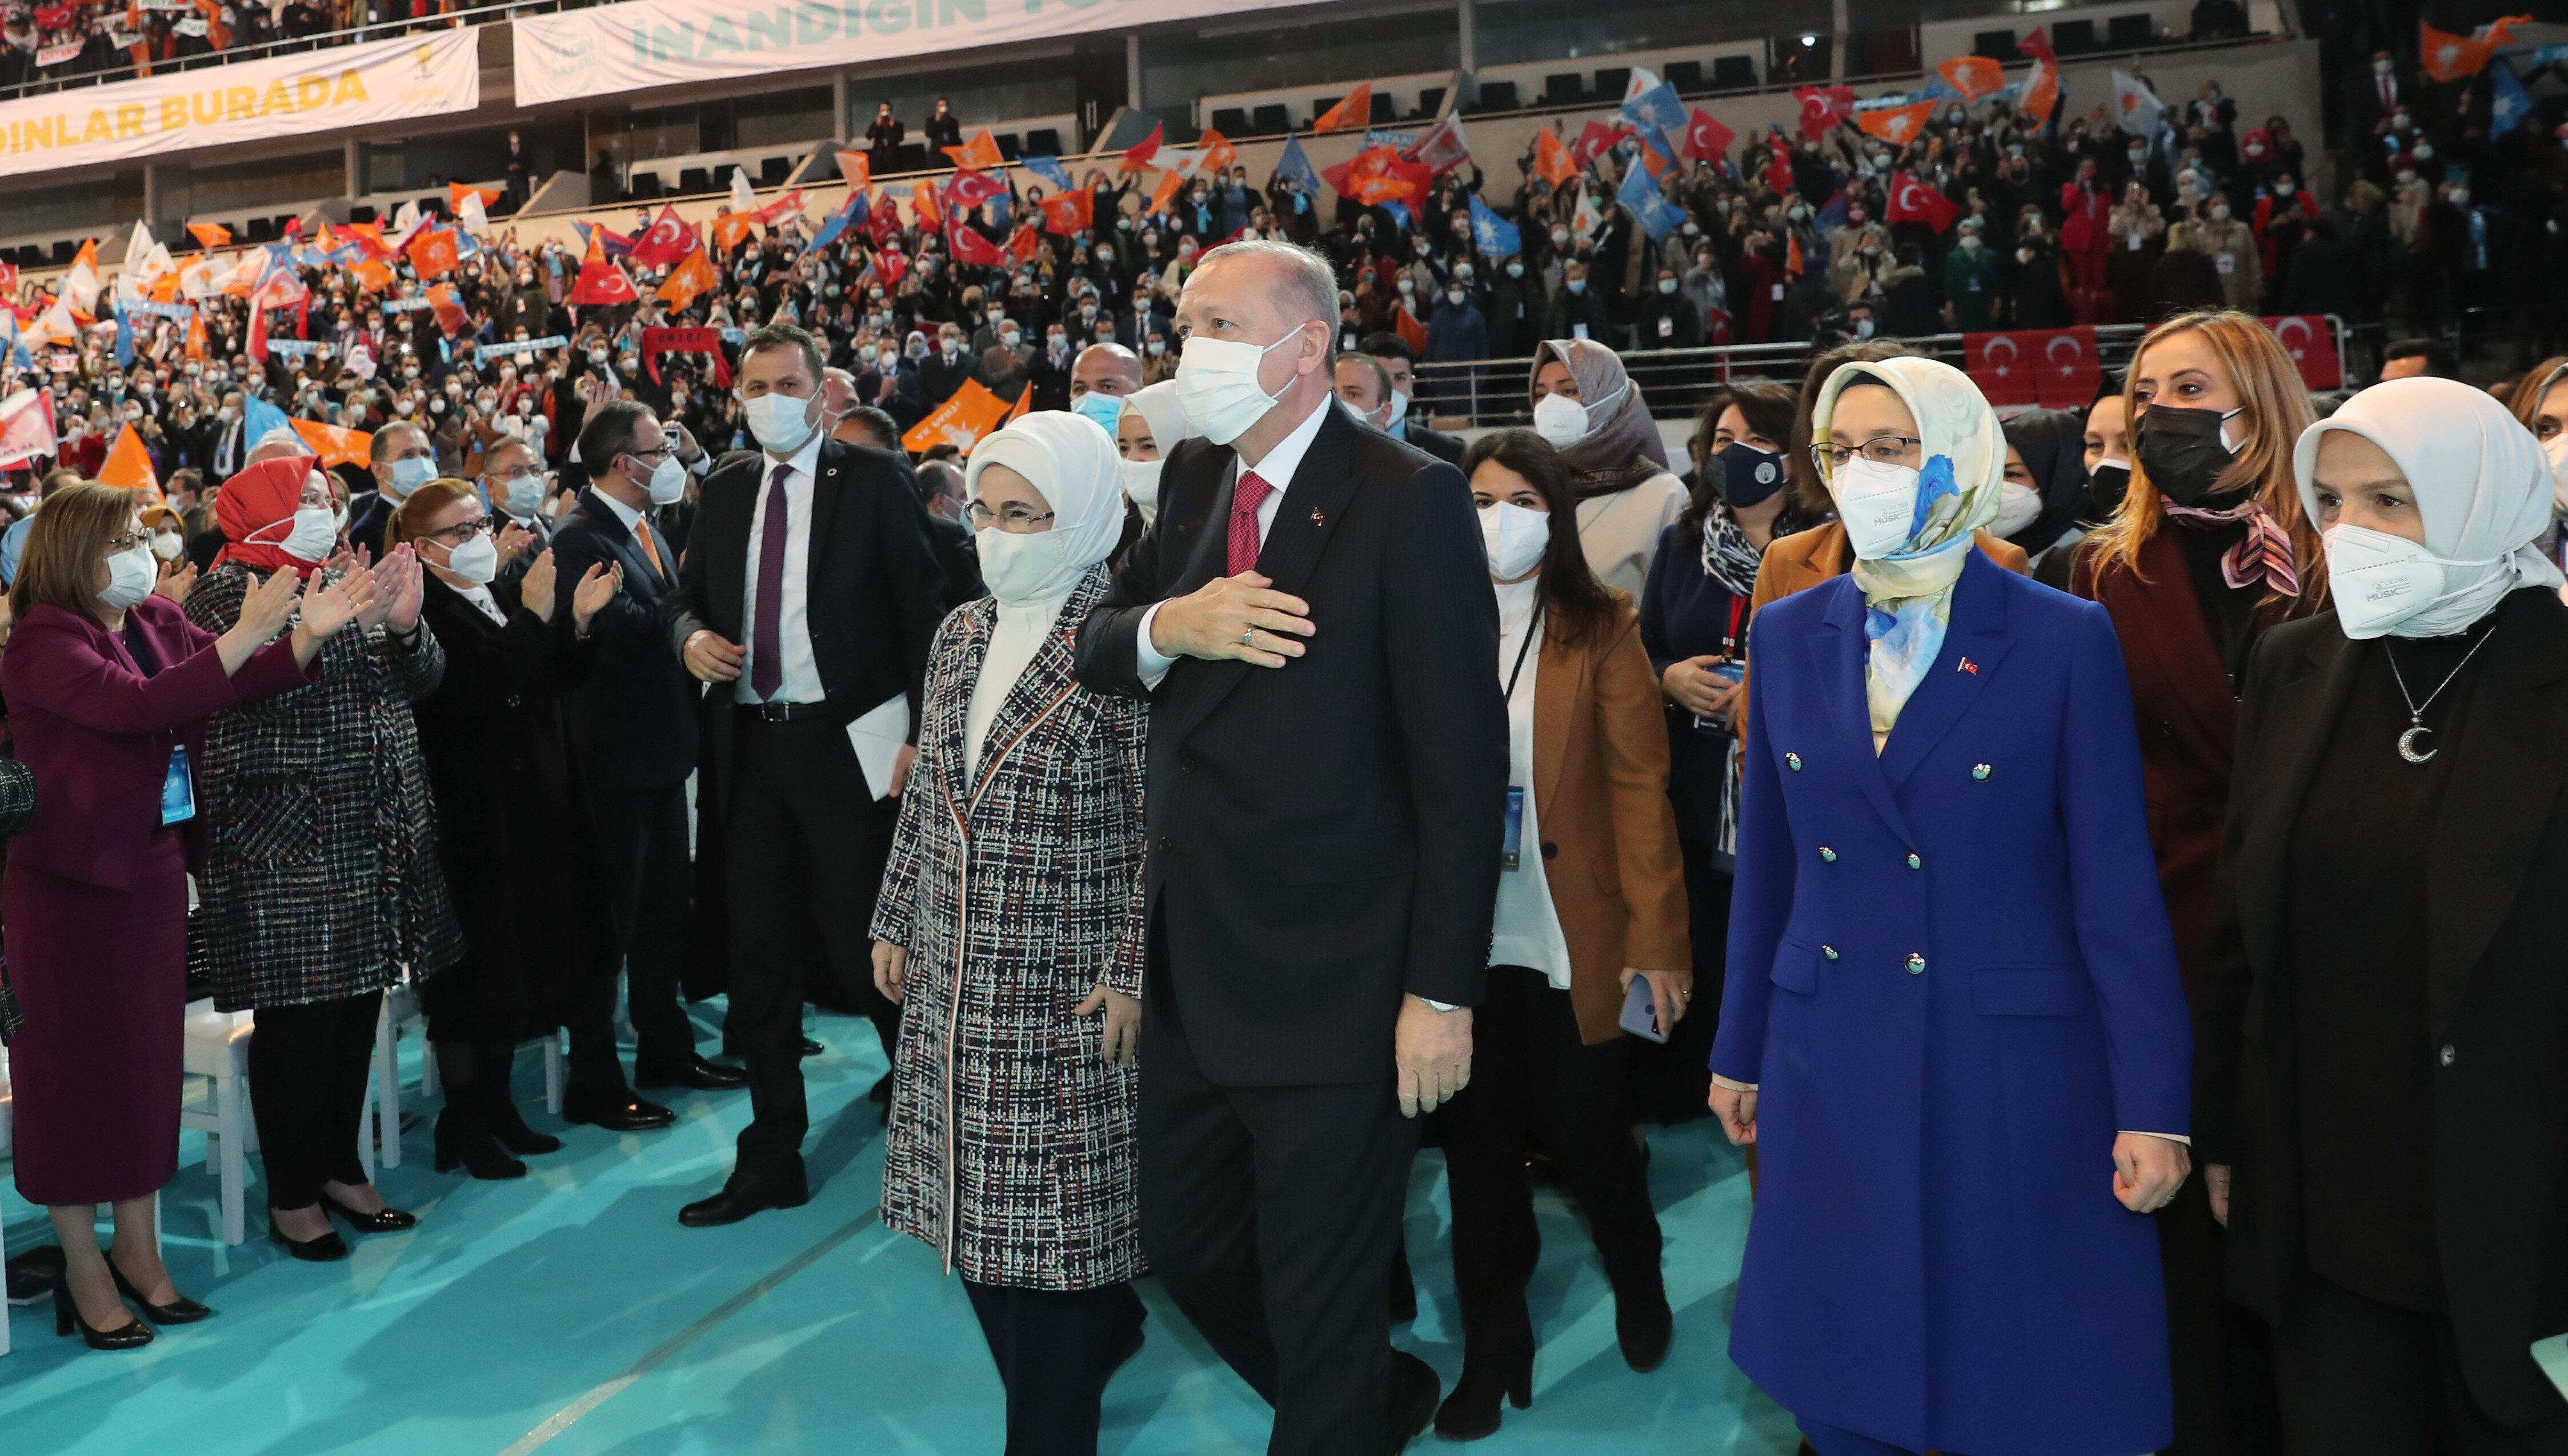 Cumhurbaşkanı ve AK Parti Genel Başkanı Recep Tayyip Erdoğan, AK Parti Kadın Kolları 6. Olağan Kongresi'ne katıldı.